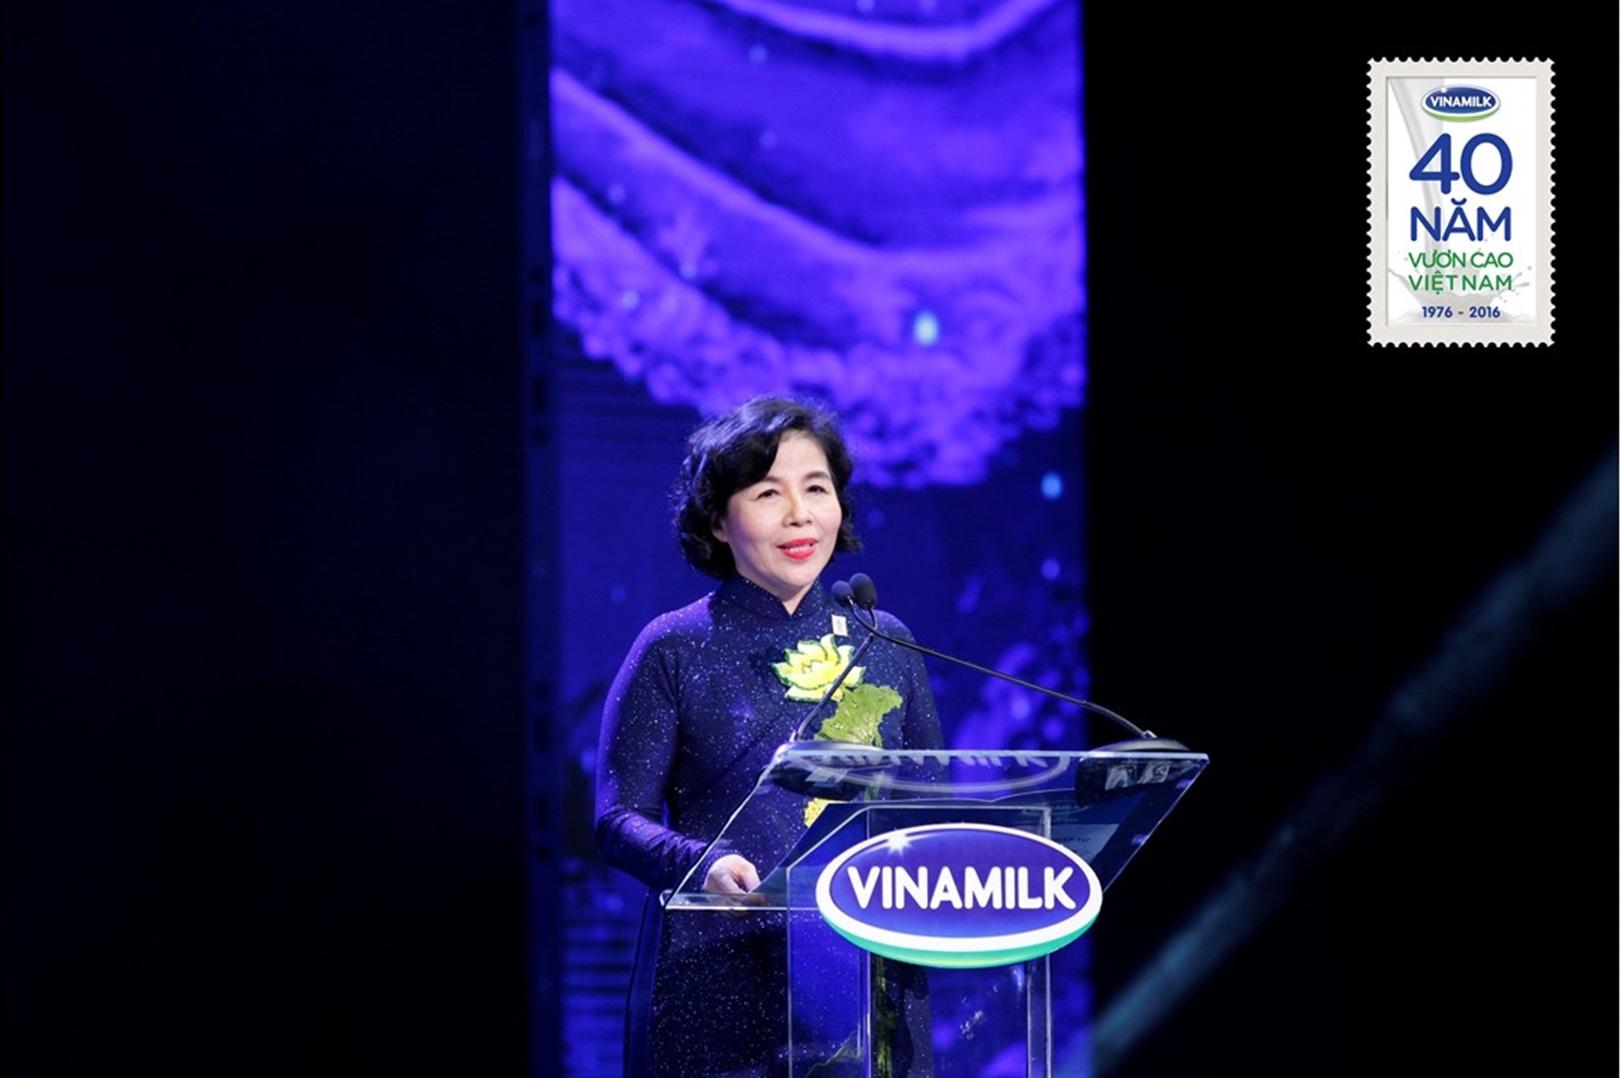 Vinamilk lọt vào danh sách 50 công ty niêm yết hàng đầu Châu Á - Thái Bình Dương - Ảnh 3